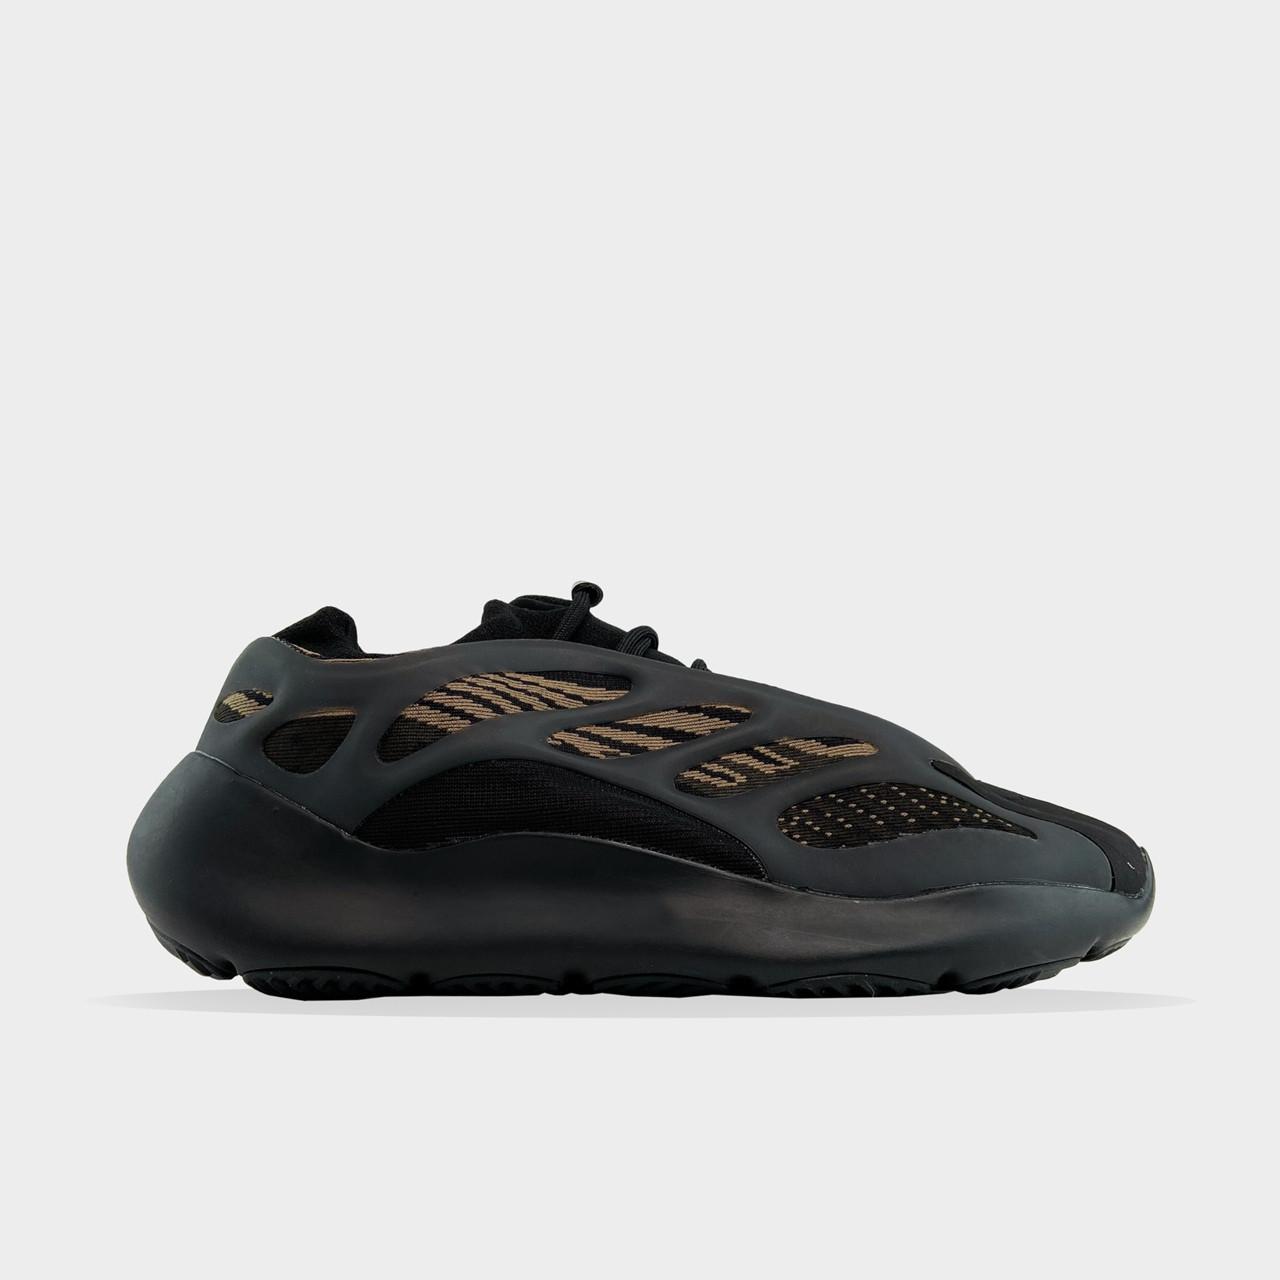 Чоловічі кросівки Adidas Yeezy Boost 700 V3 Black Brown